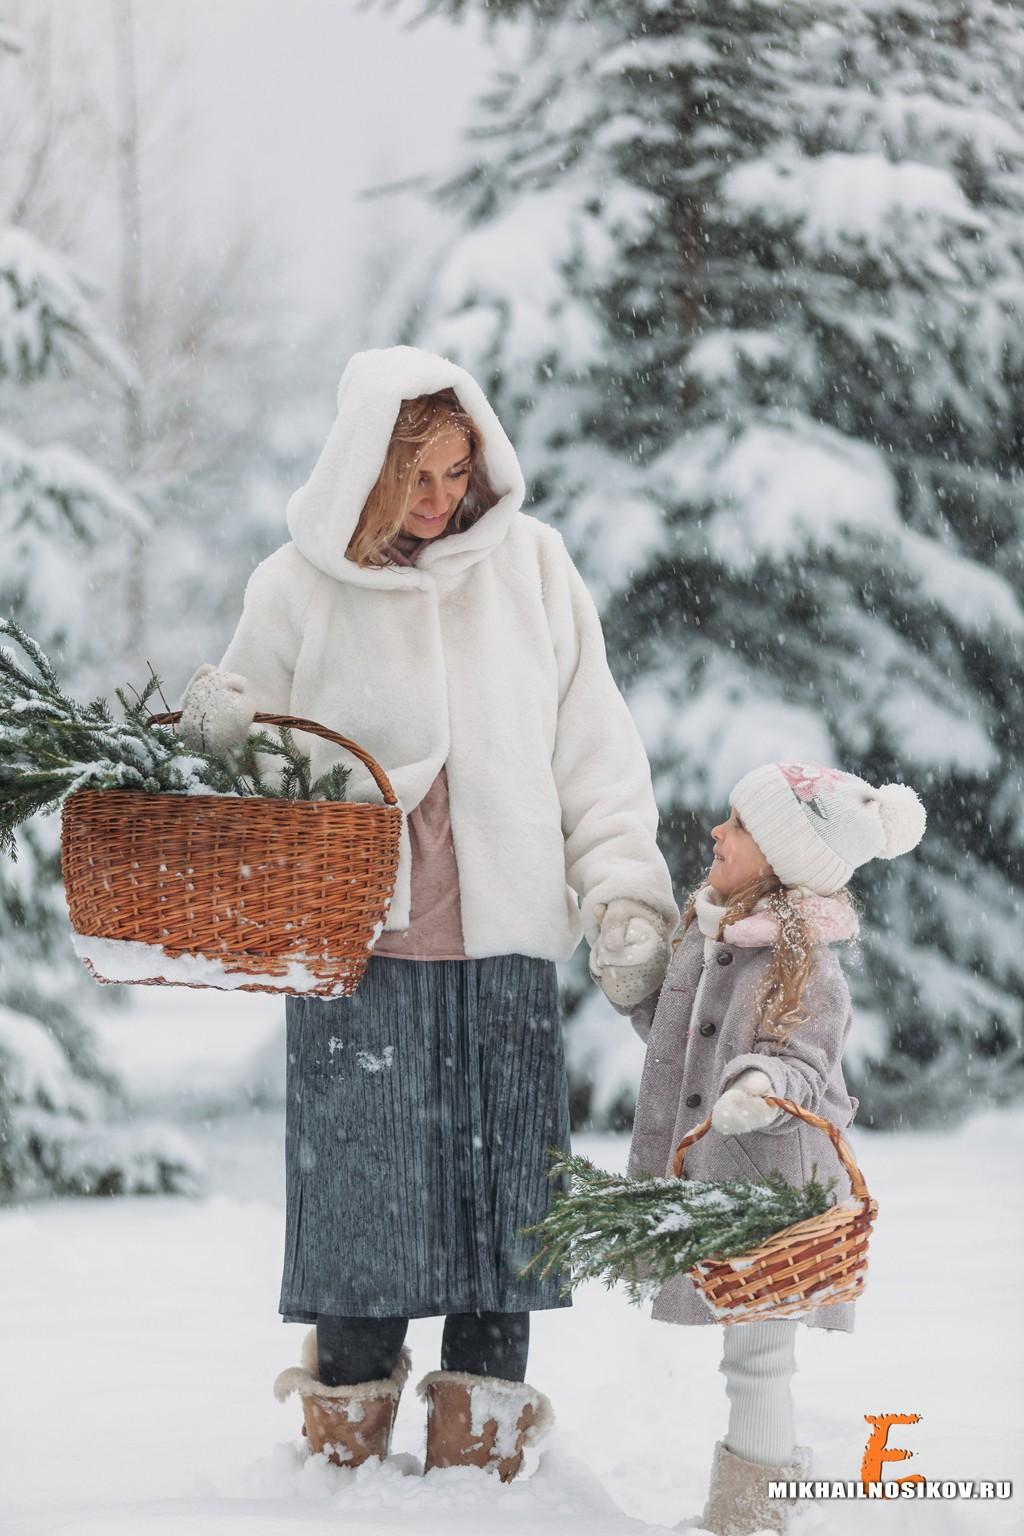 Зимняя фотосессия в лесу с ребенком